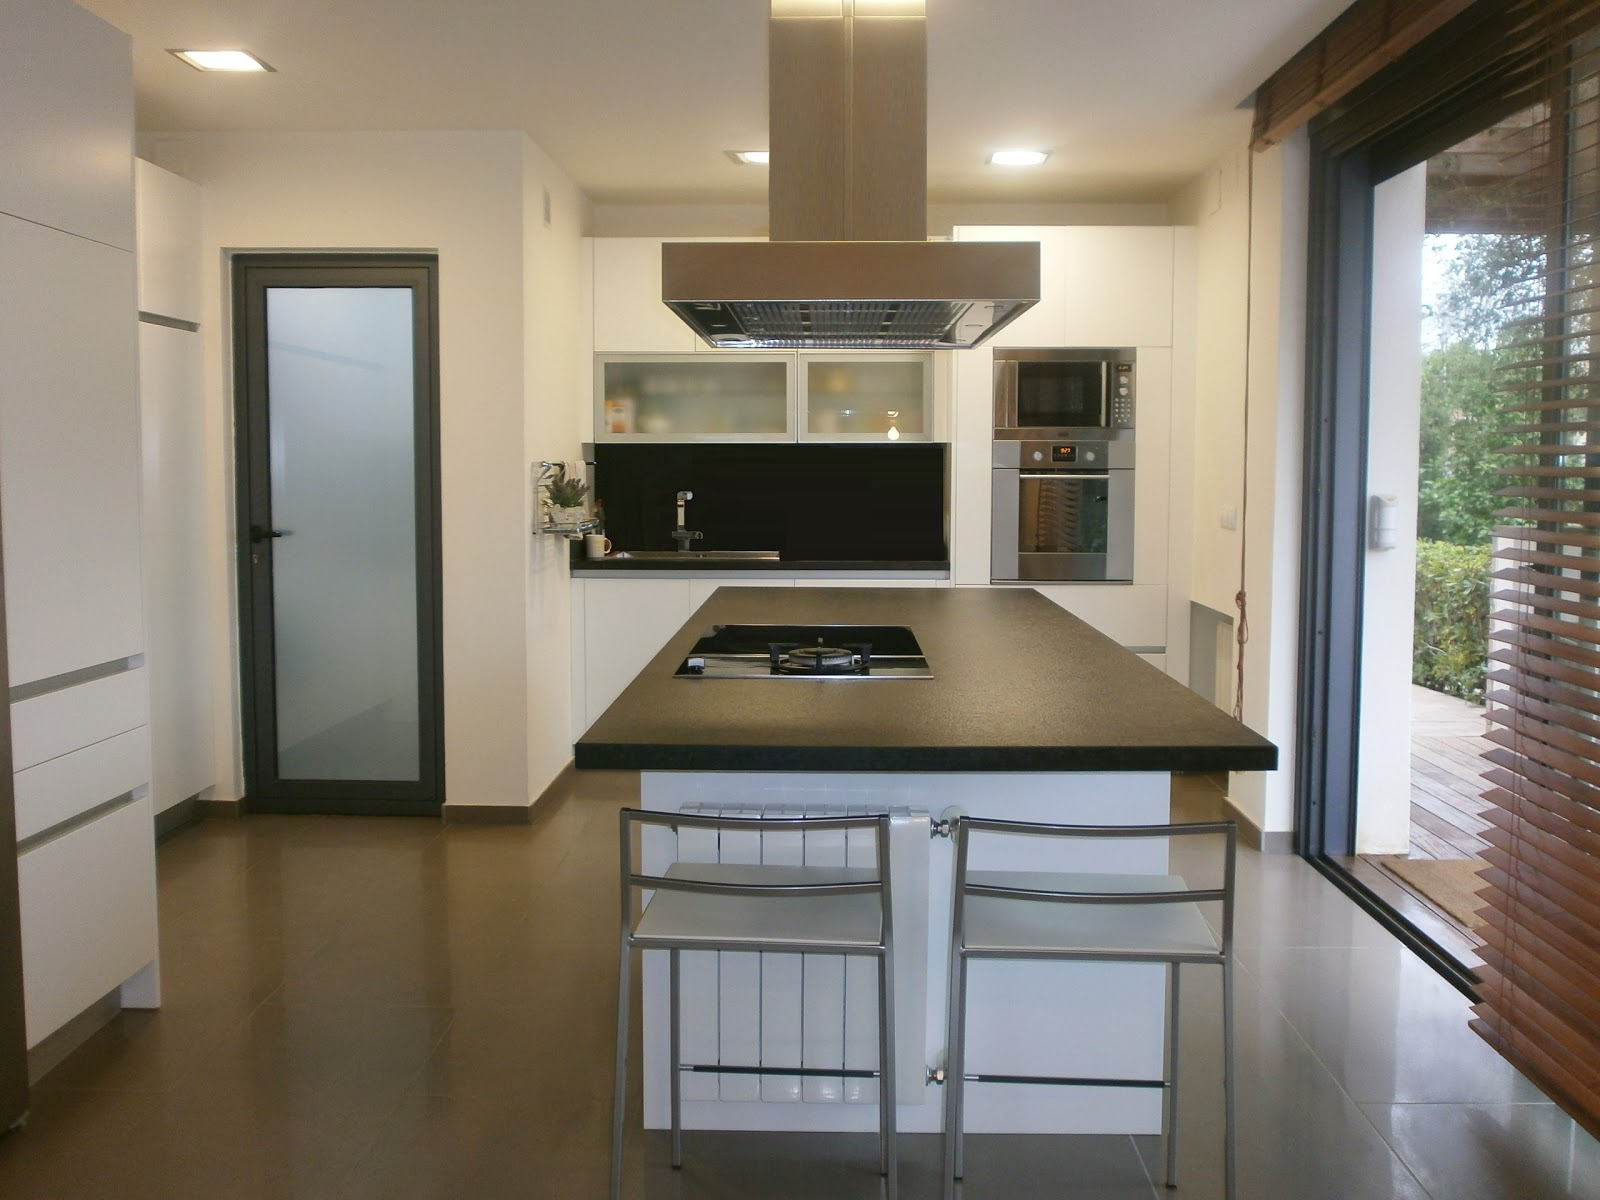 Granito negro y cocina blanca sobria y siempre actual for Diseno cocinas con isla central